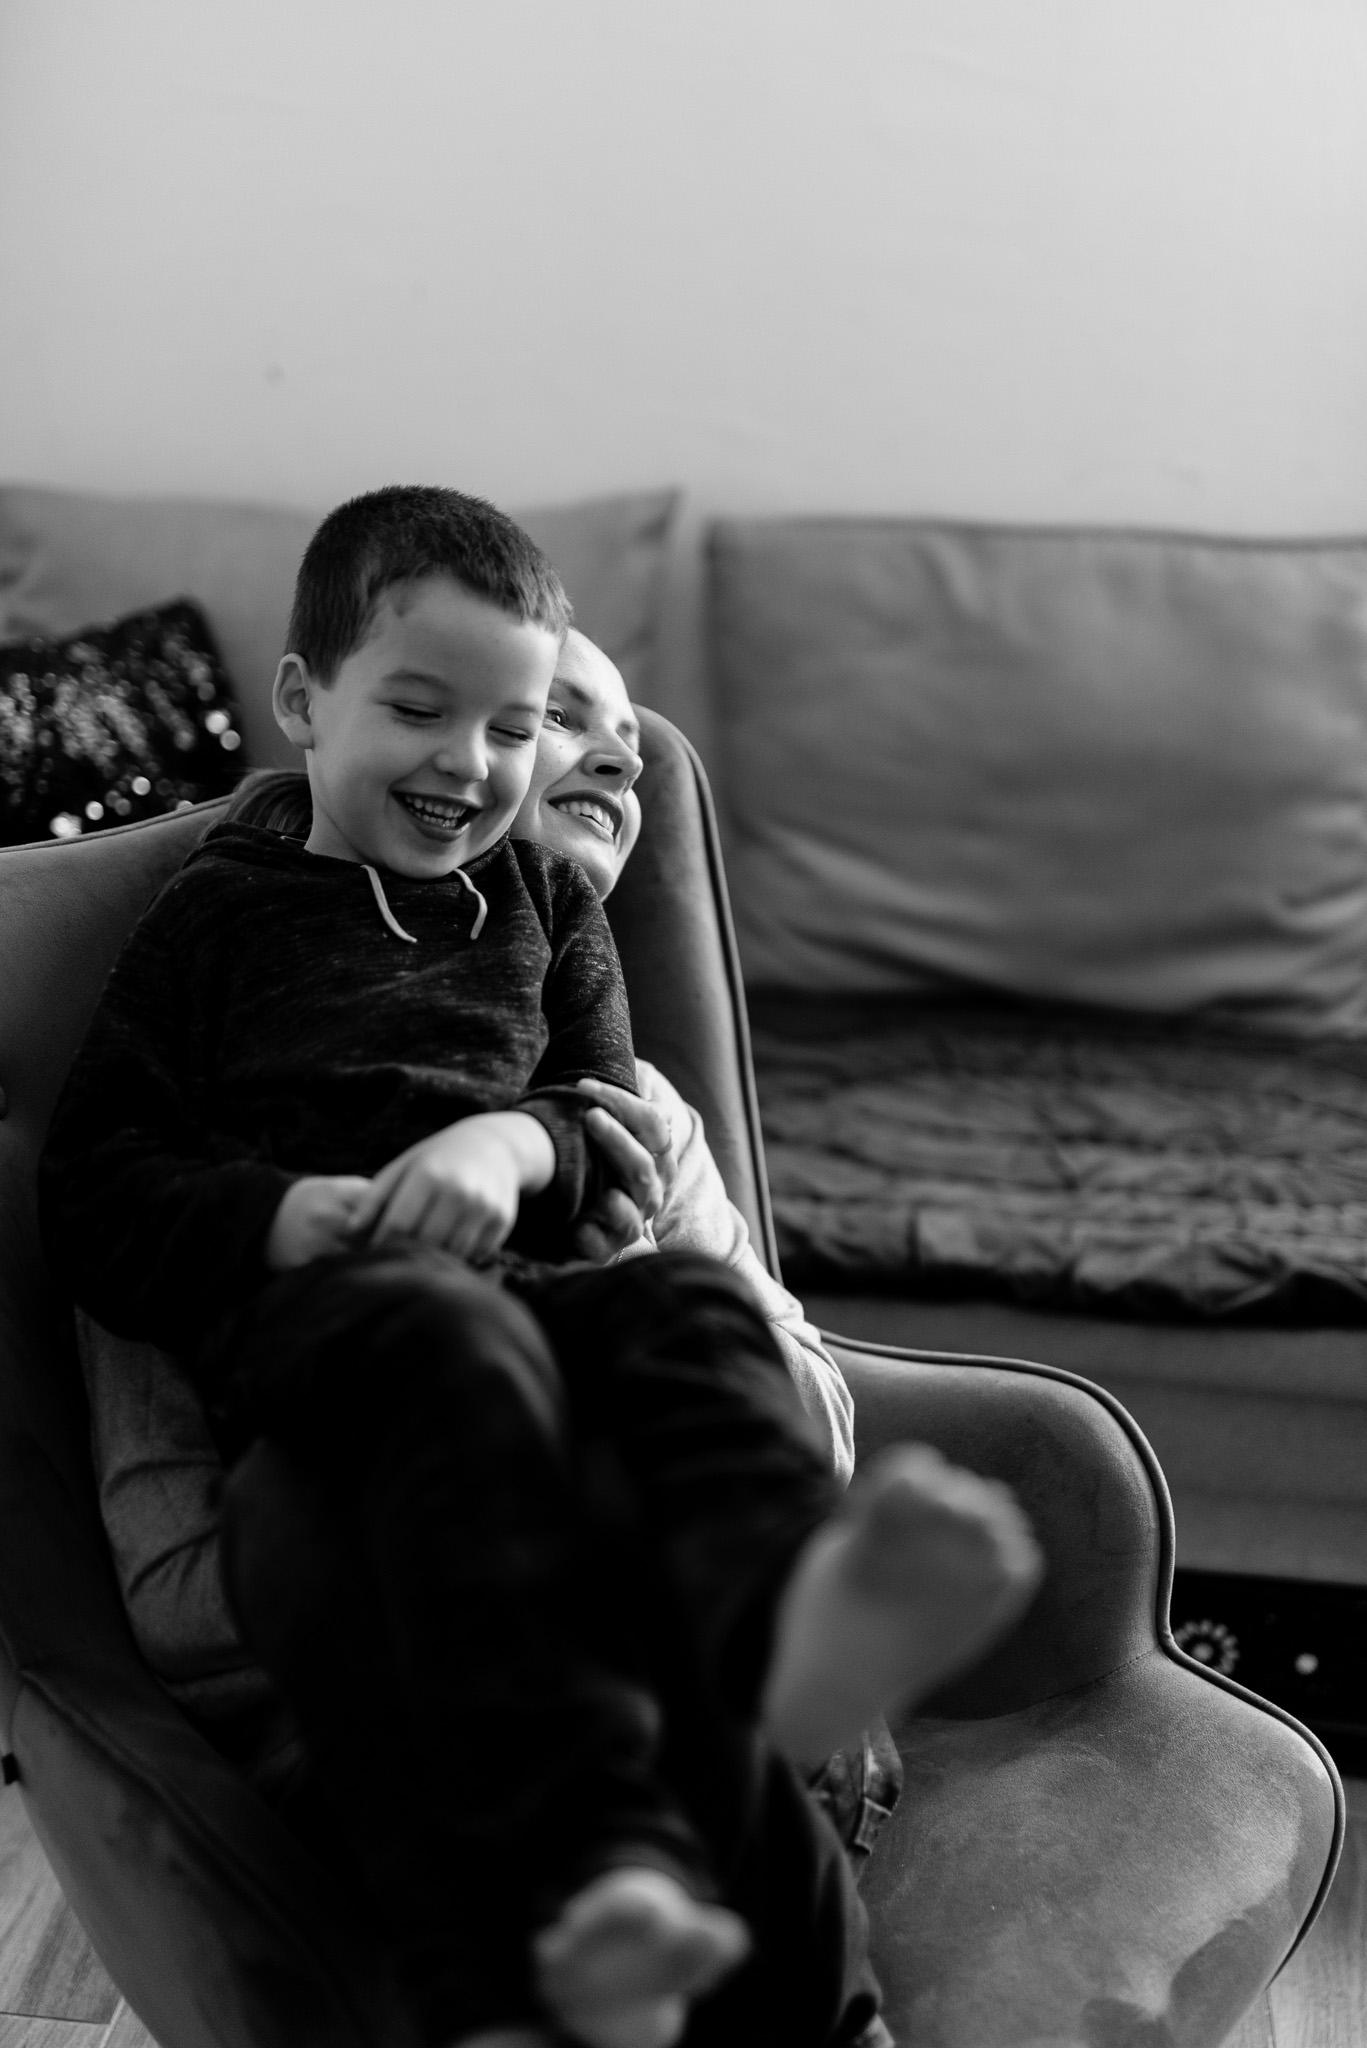 photographe yvelines maman enfant séance famille reportage Sandrine Siryani Paris chatou hauts-de-seine